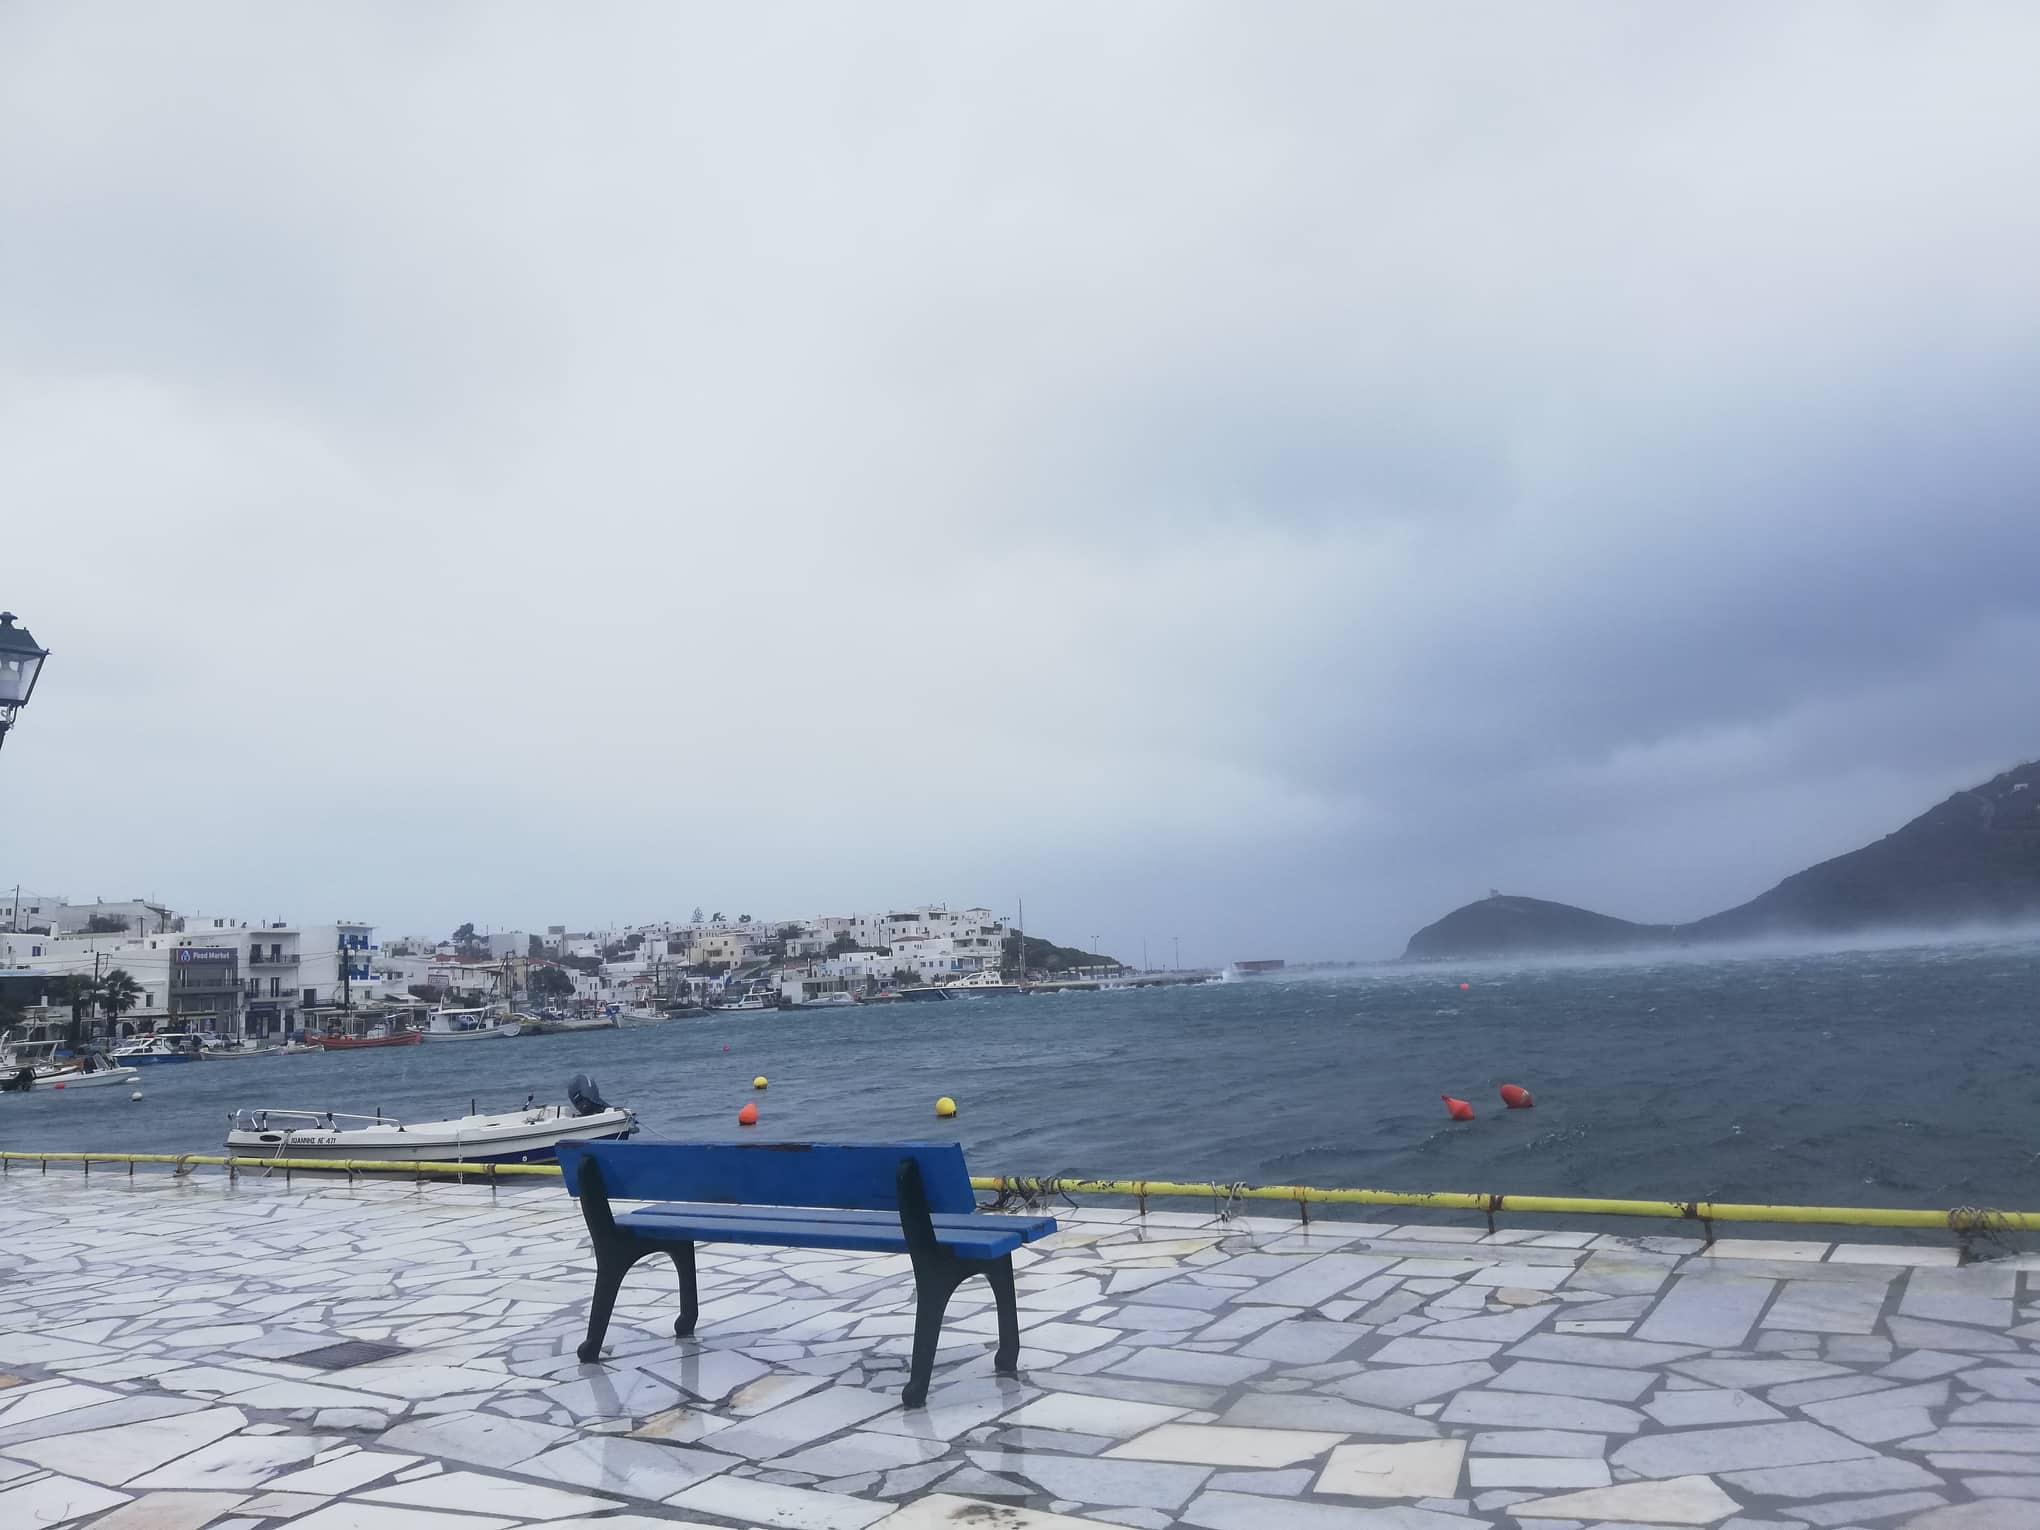 Πολιτική Προστασία Ν. Αιγαίου: Επιδείνωση καιρού με ισχυρές καταιγίδες και θυελλώδεις ανέμους